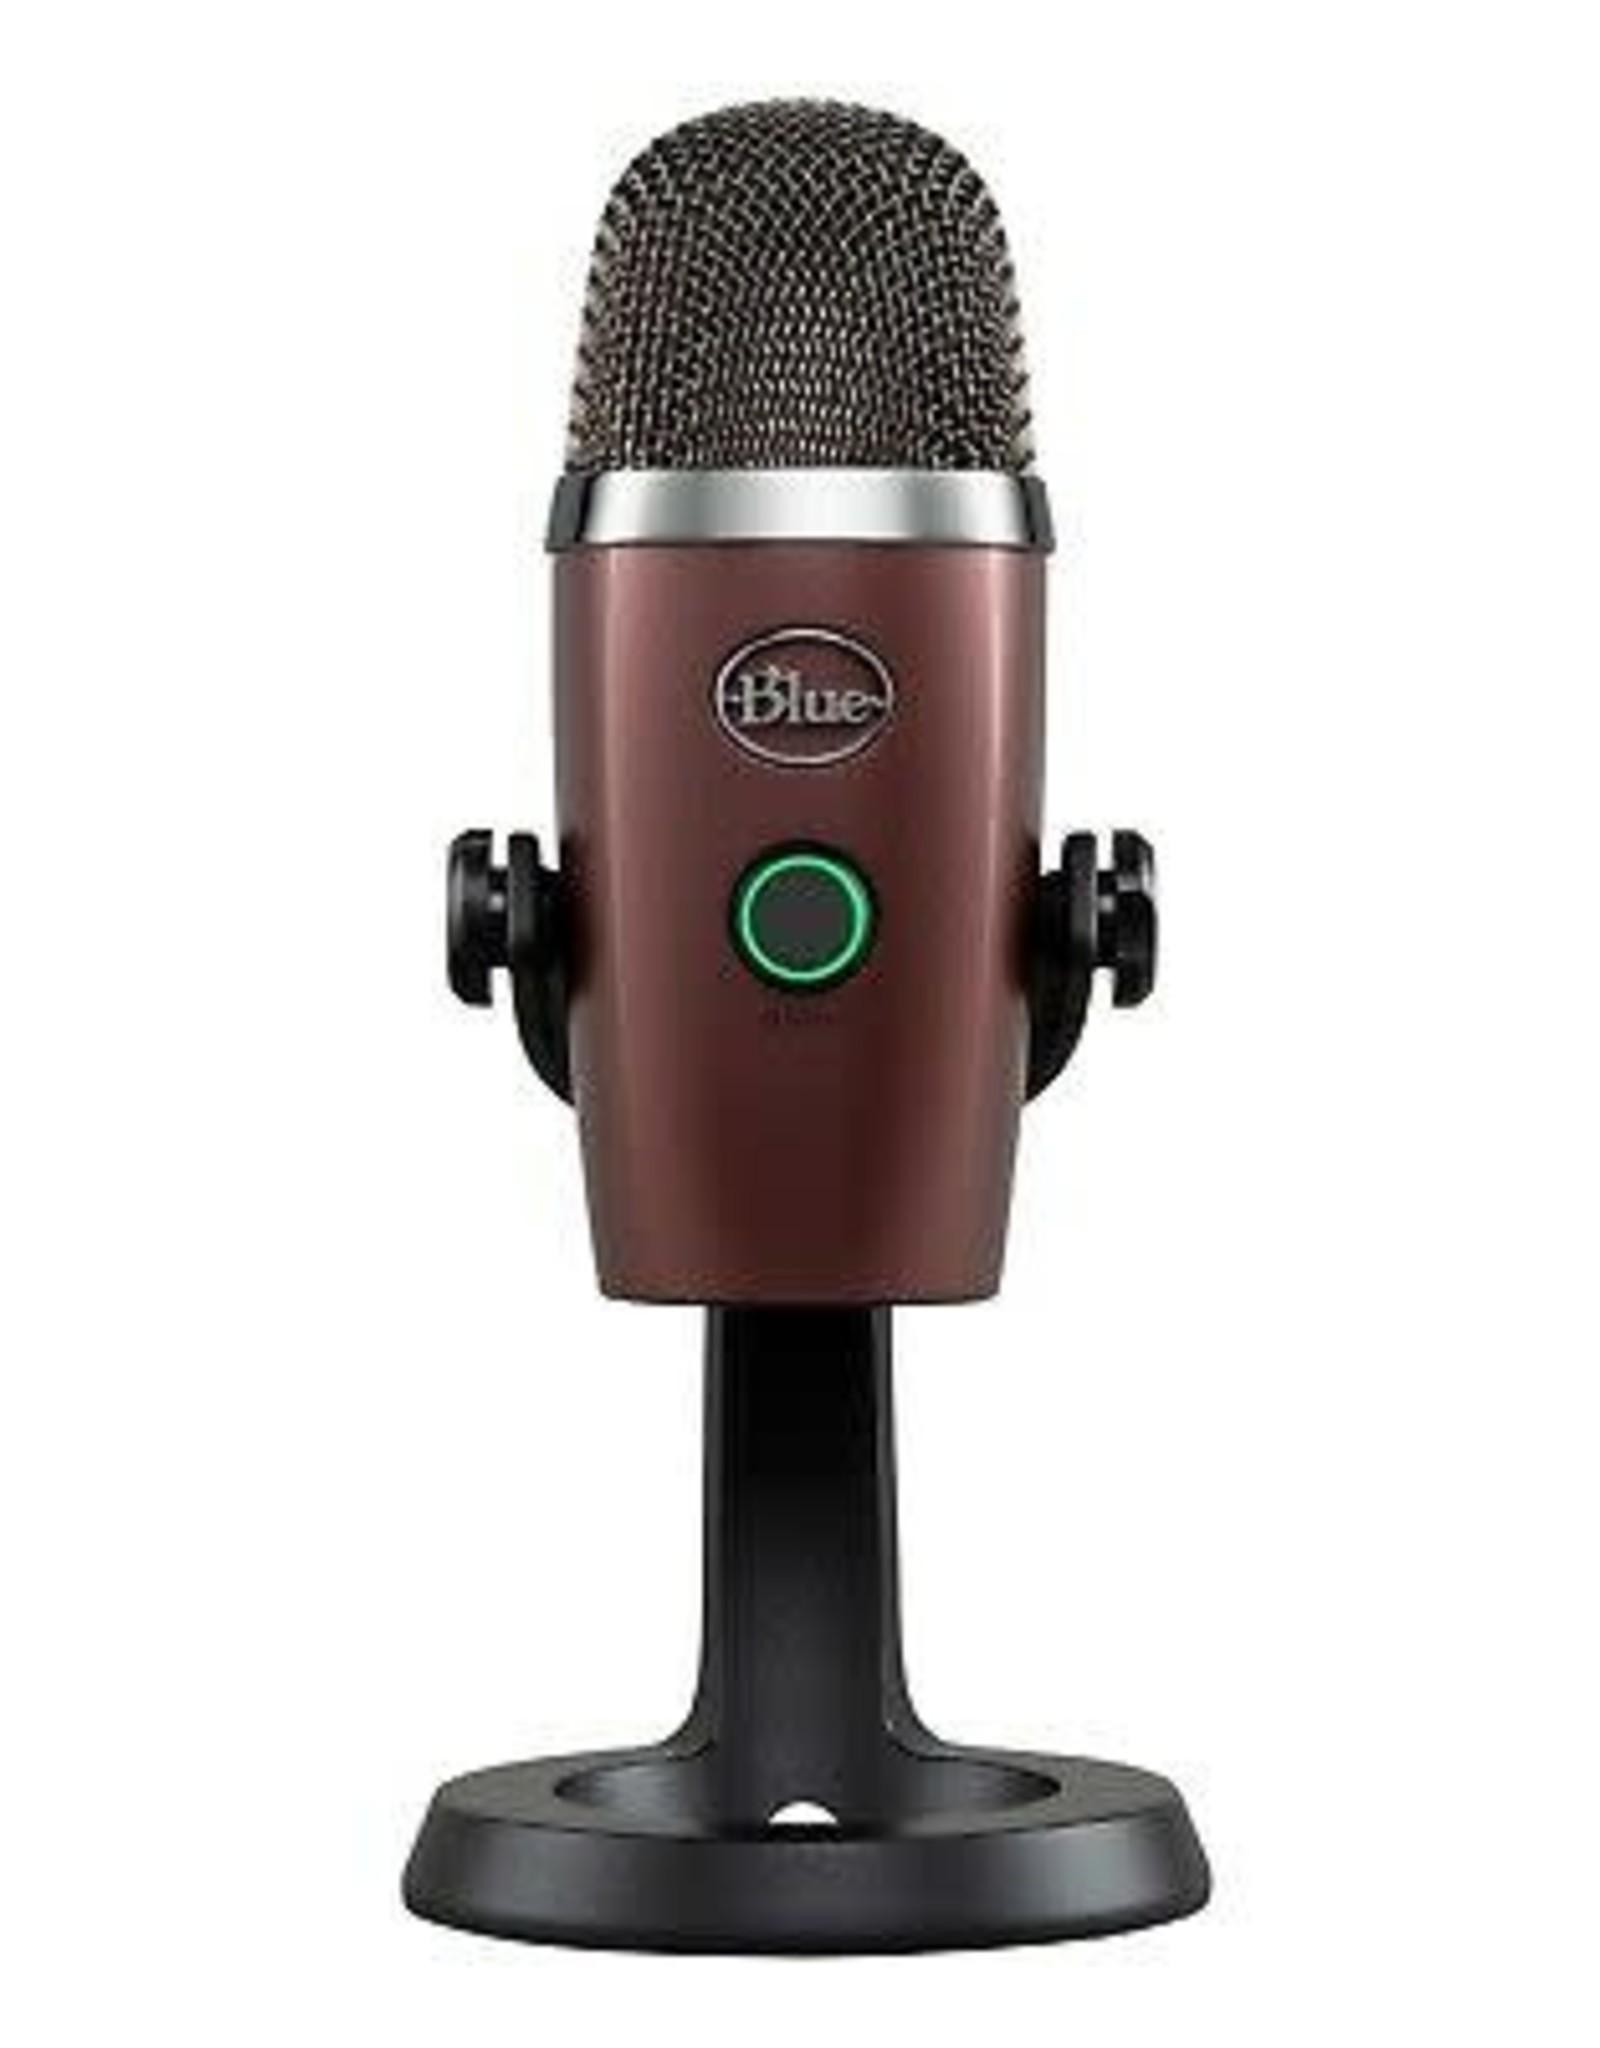 Blue Microphone | Yeti Nano Microphone 988-000087